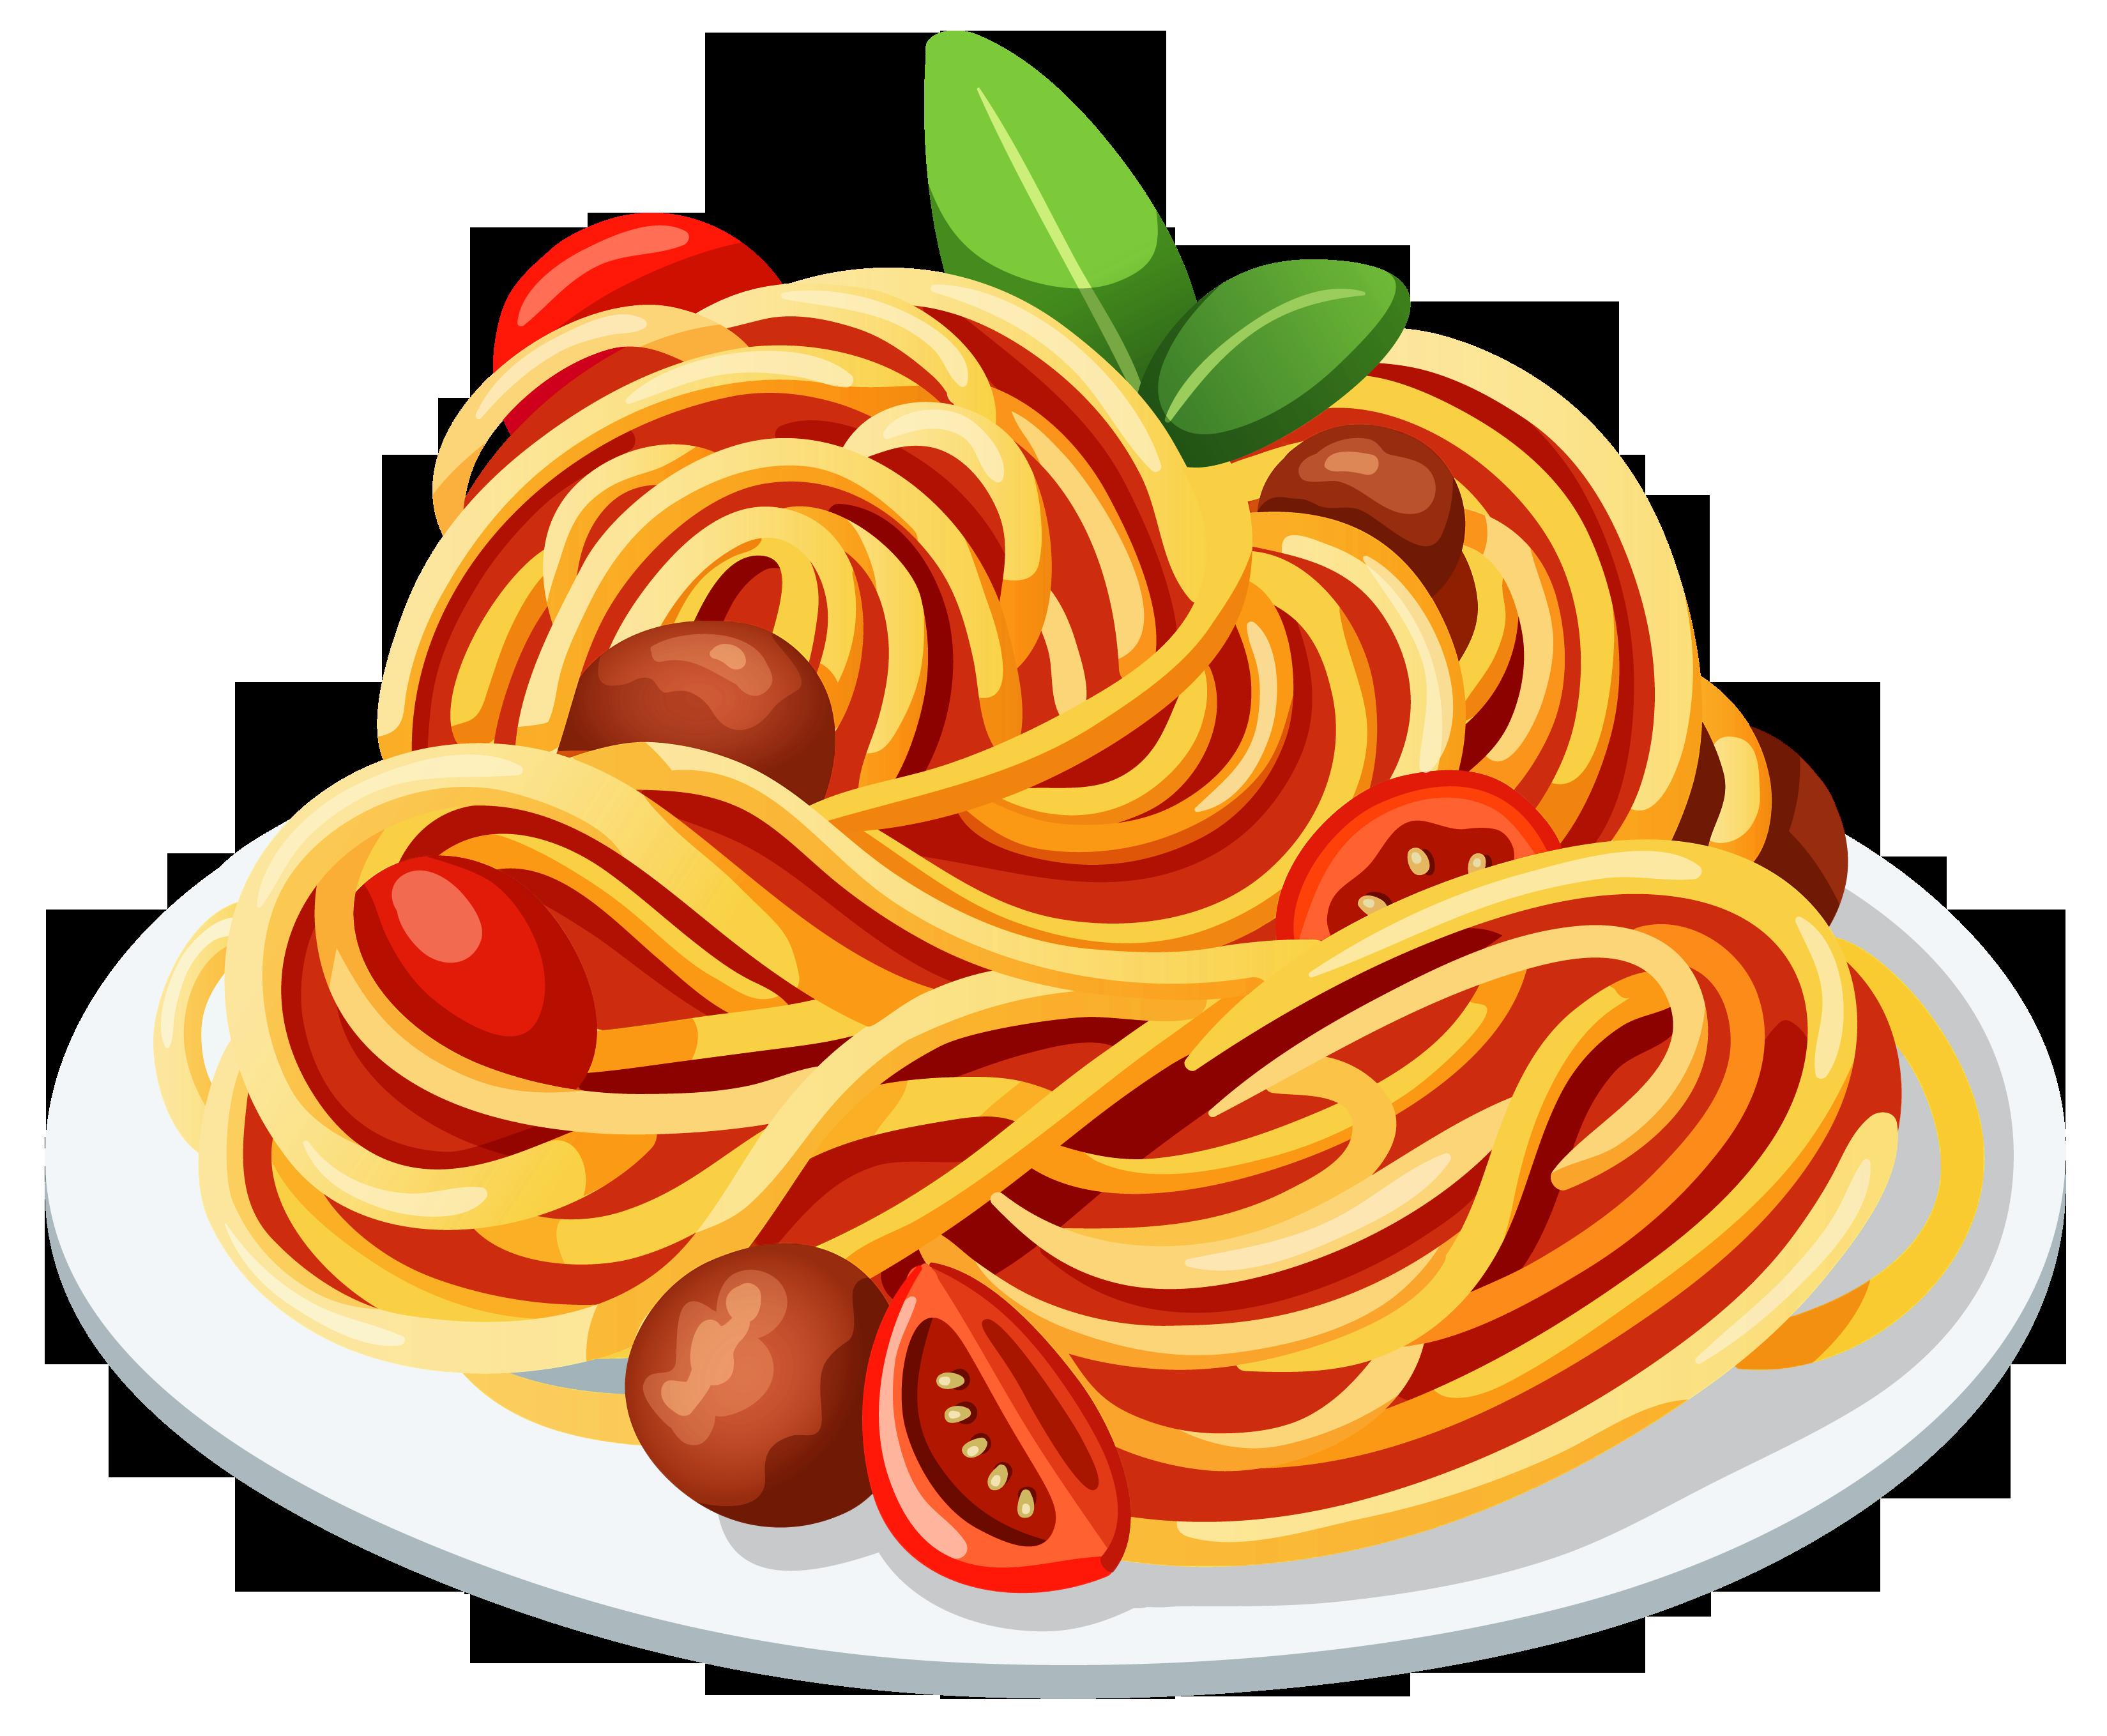 Spaghetti clipart no background.